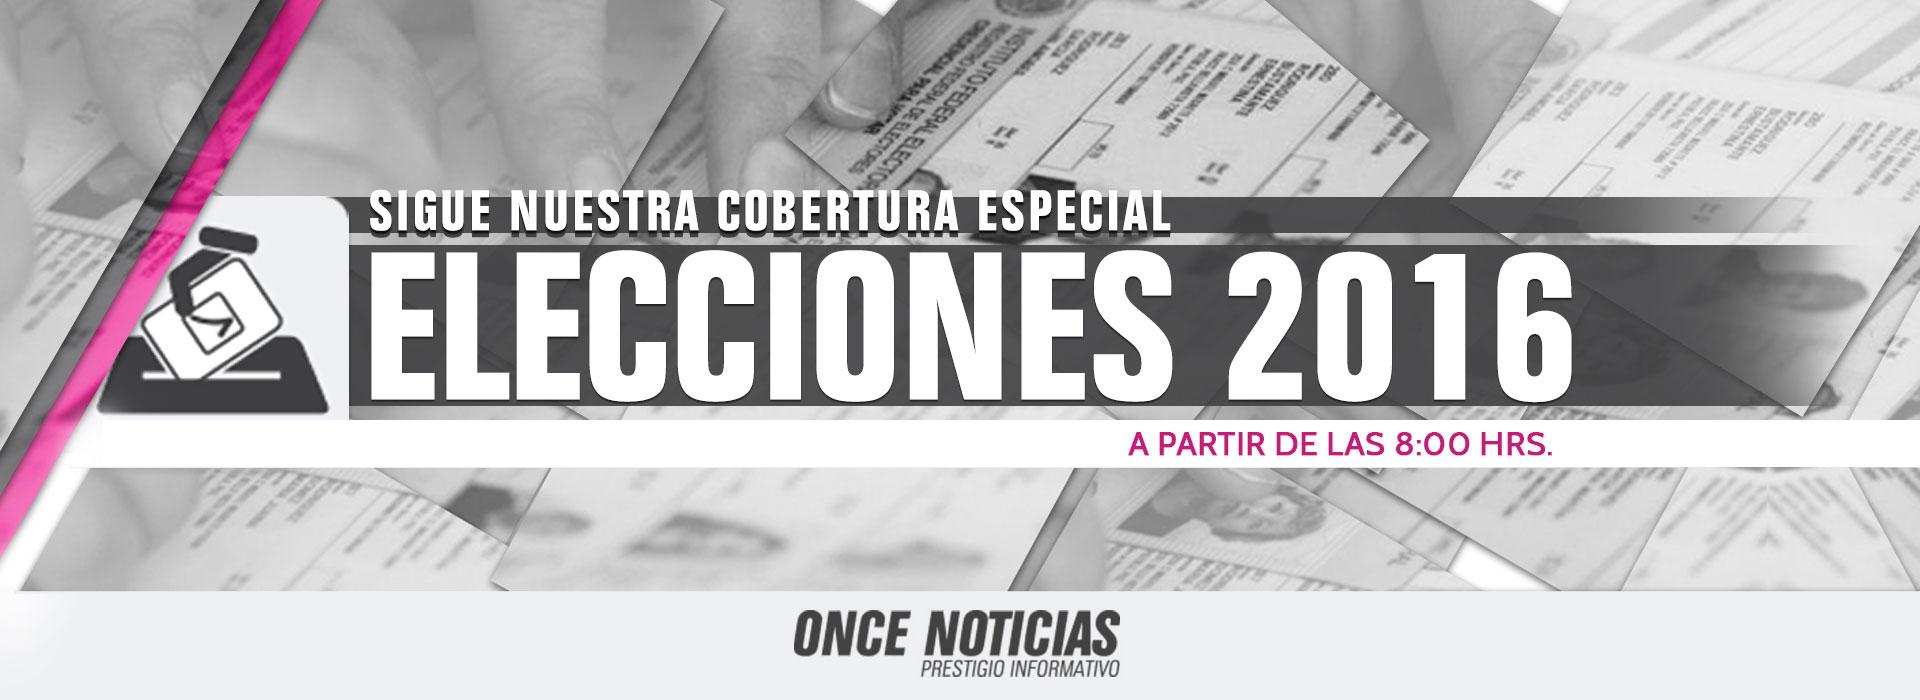 elecciones_2016.jpg